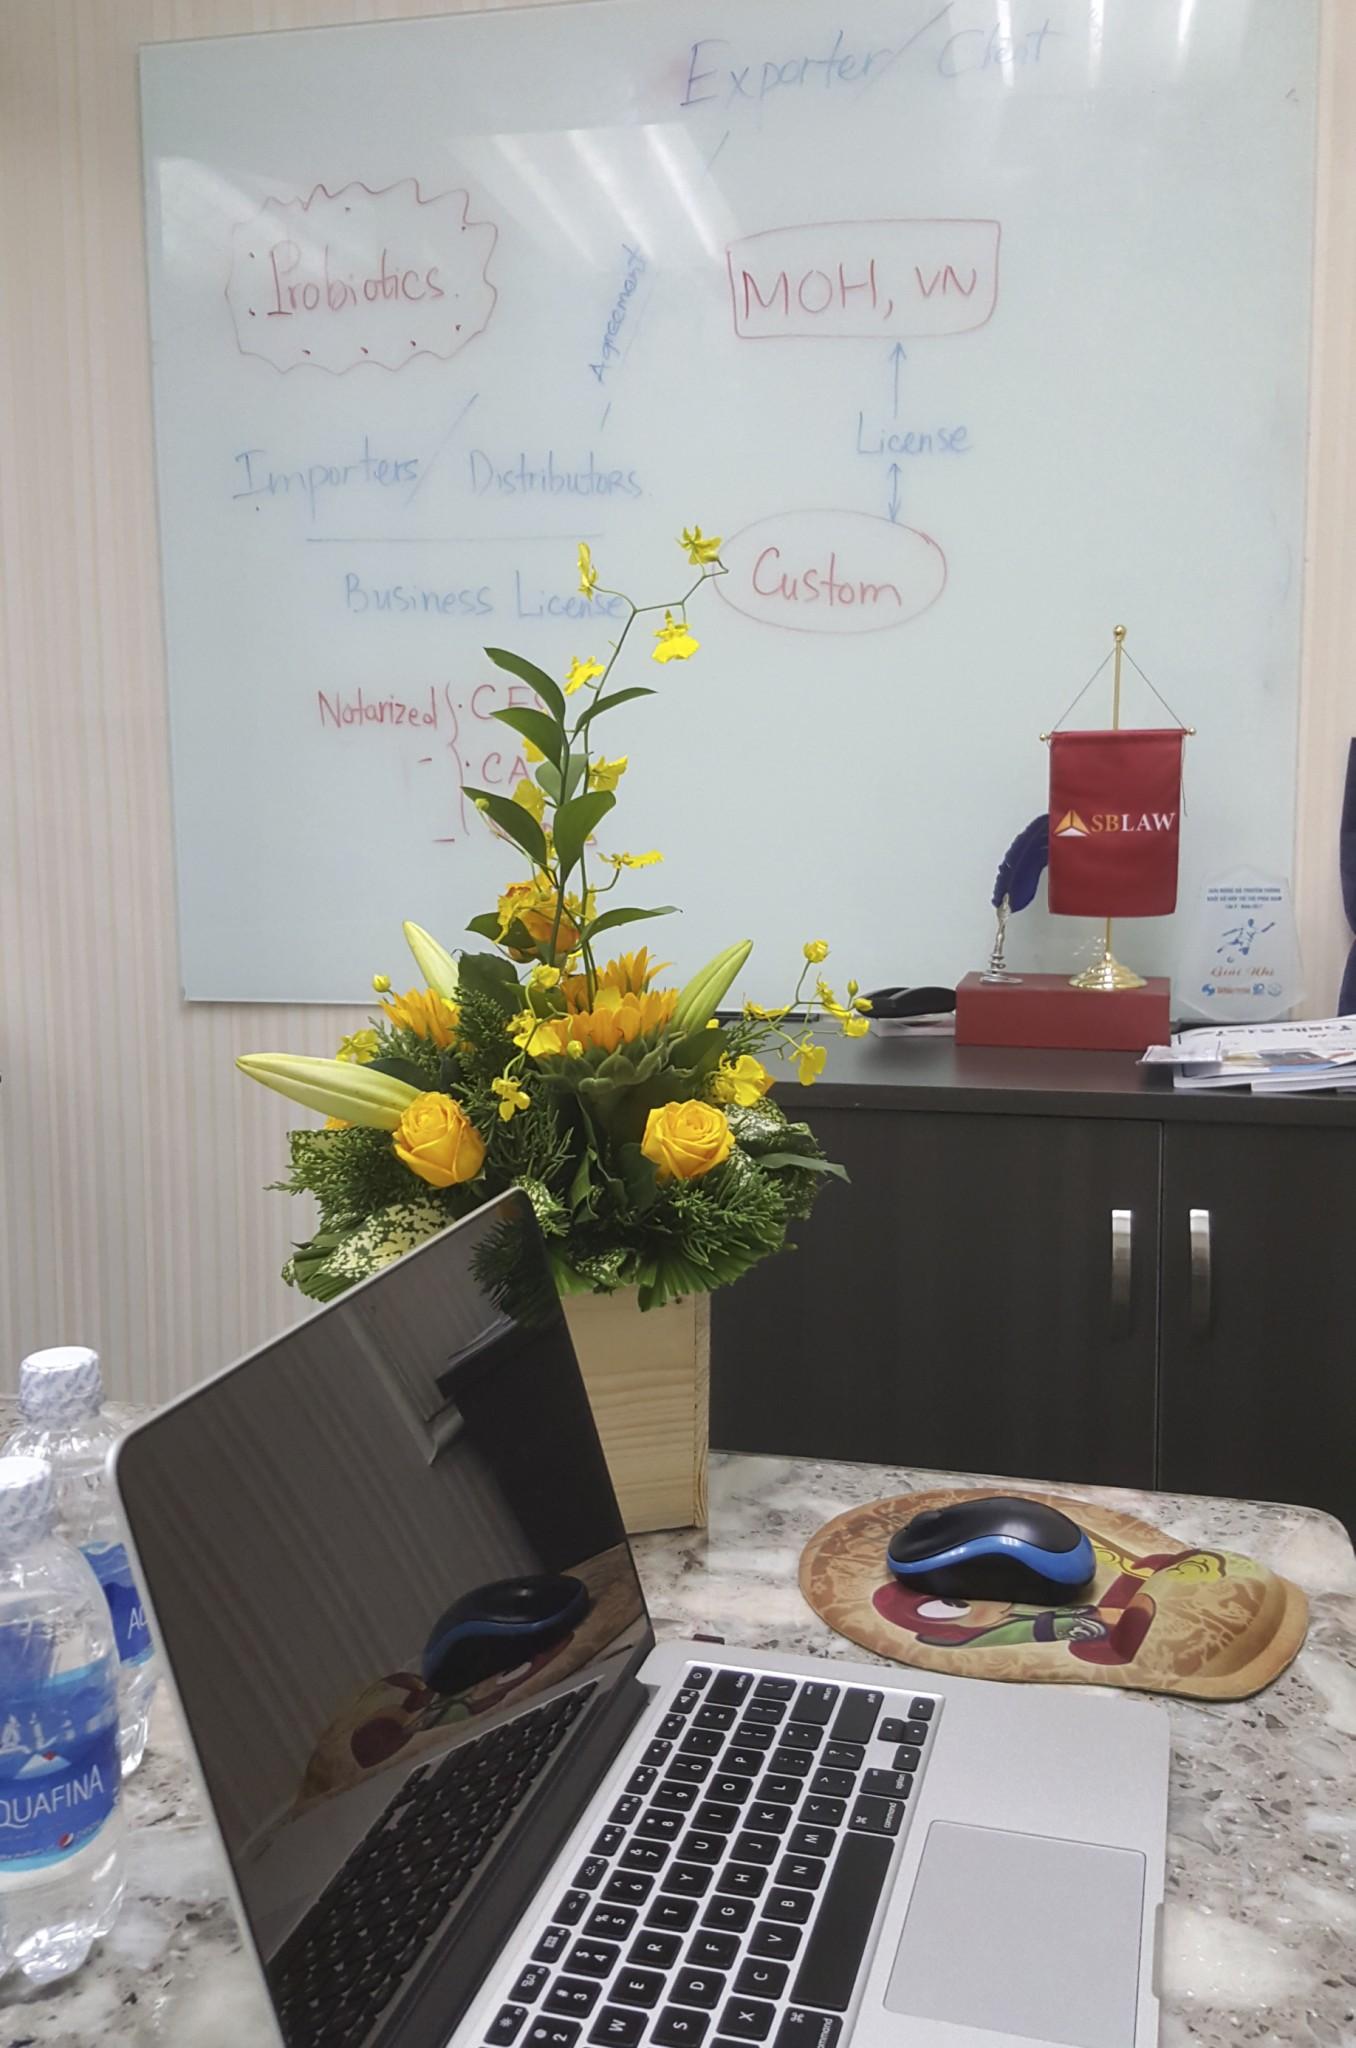 Tư vấn luật lao động cho doanh nghiệp